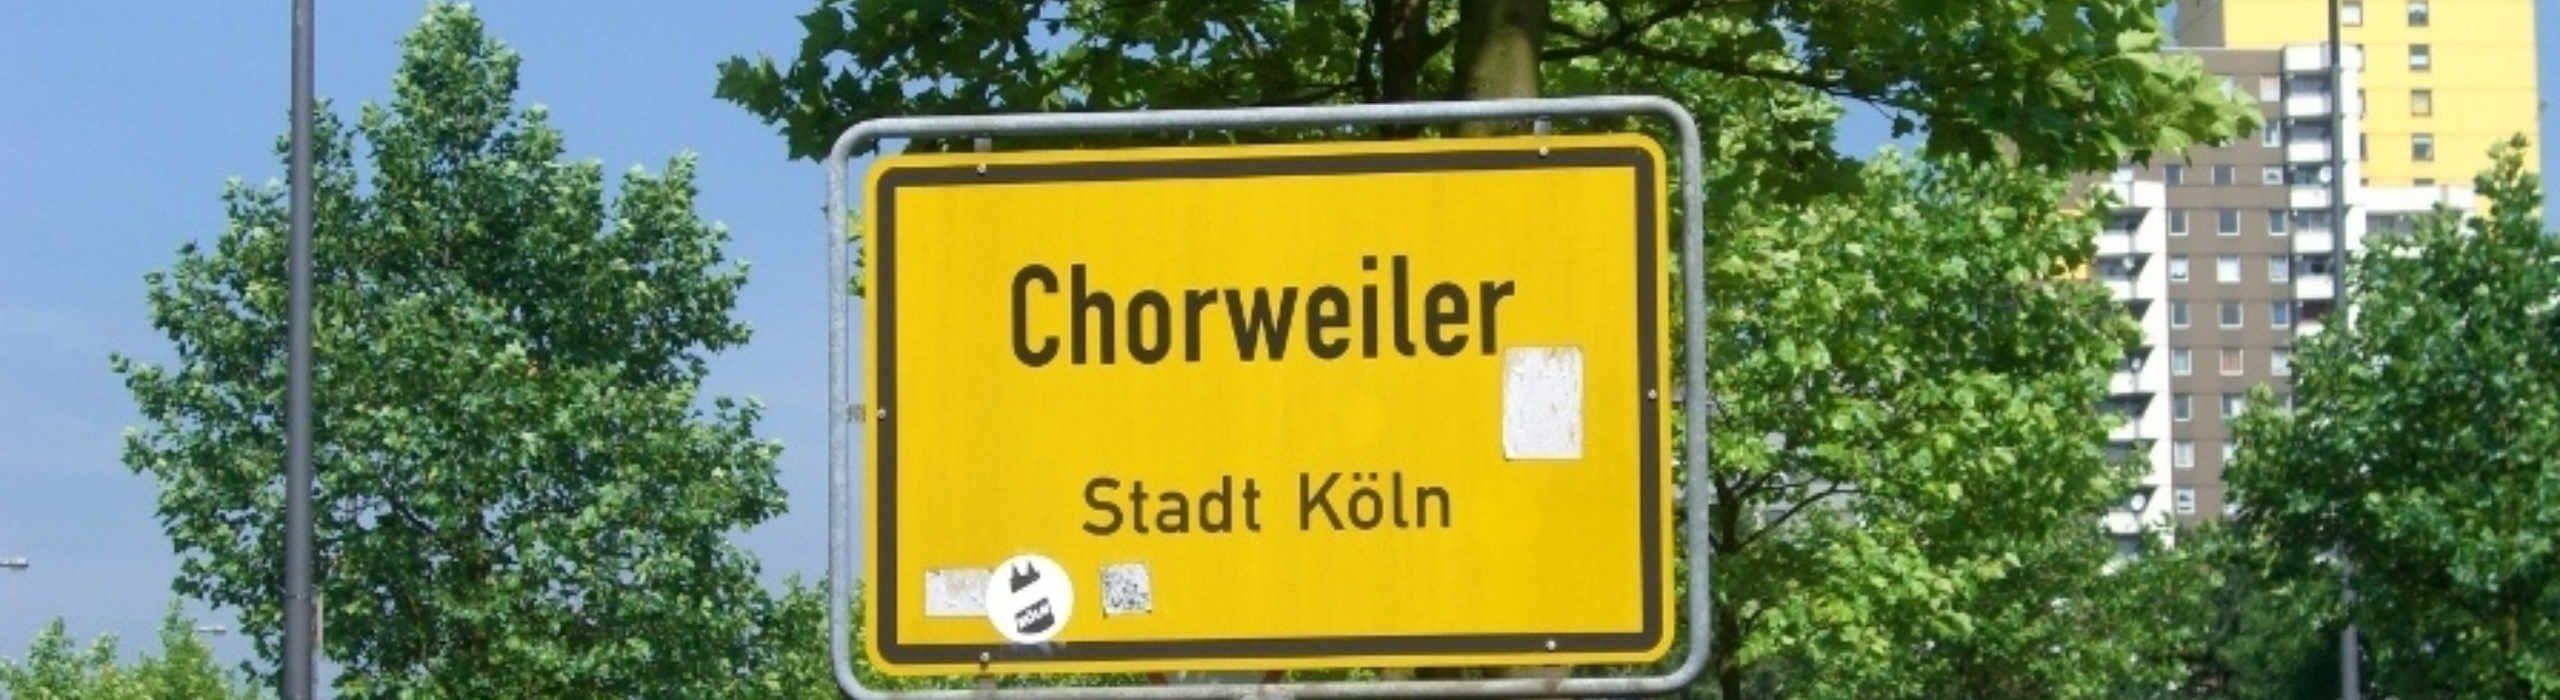 20190405 Ueber Chorweiler